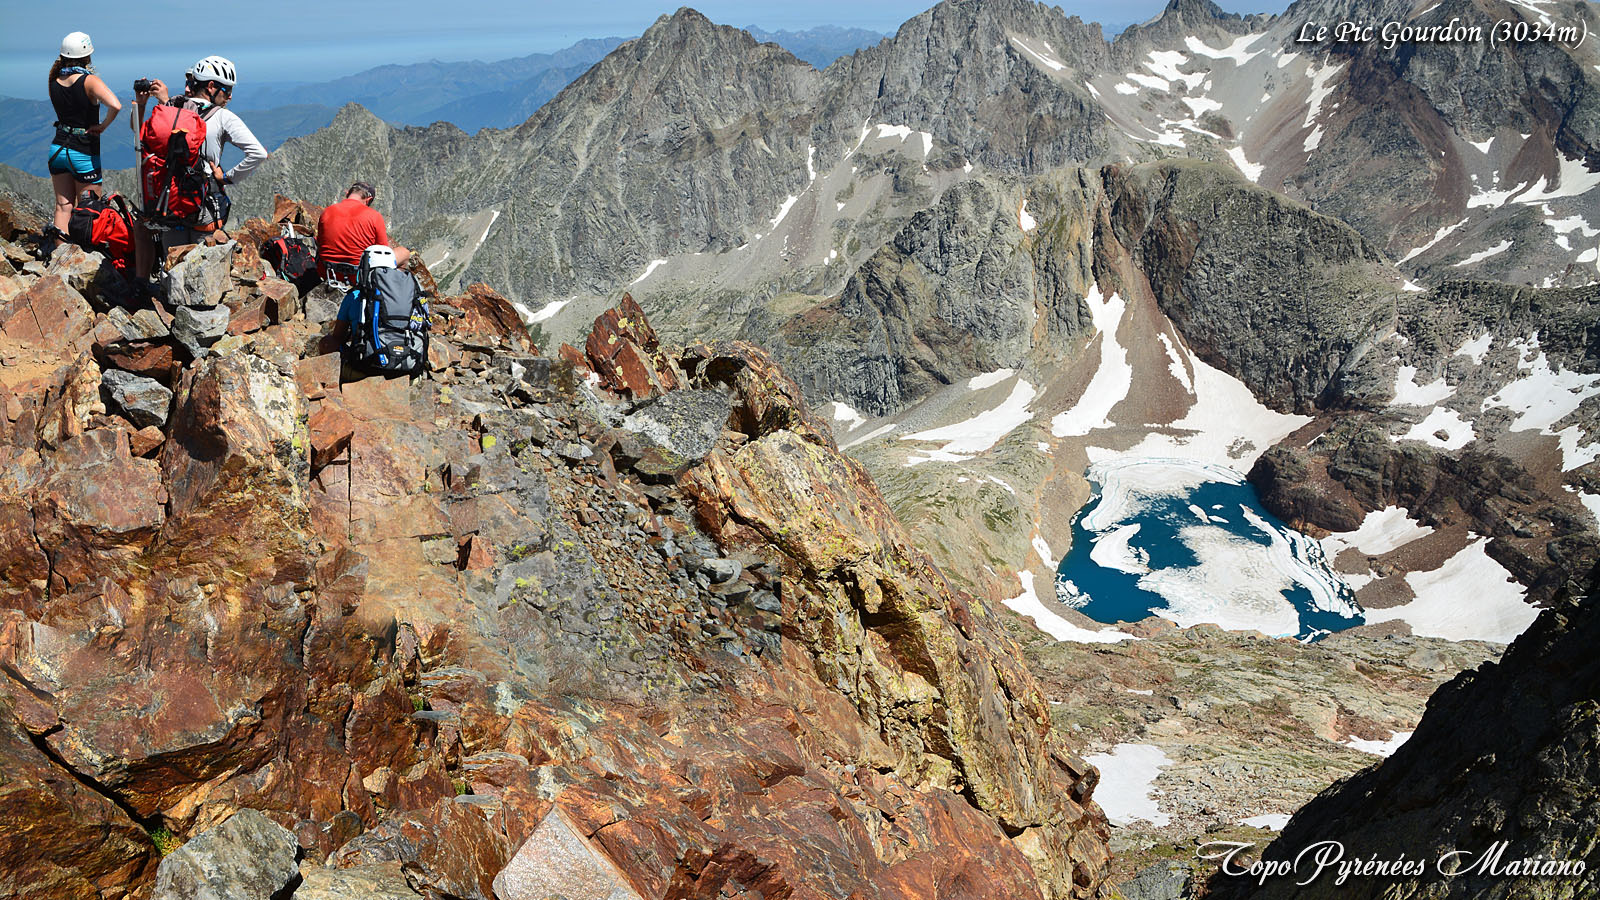 Randonnée à la Tusse de Montarqué (2889m) et au Pic Gourdon (3034m)